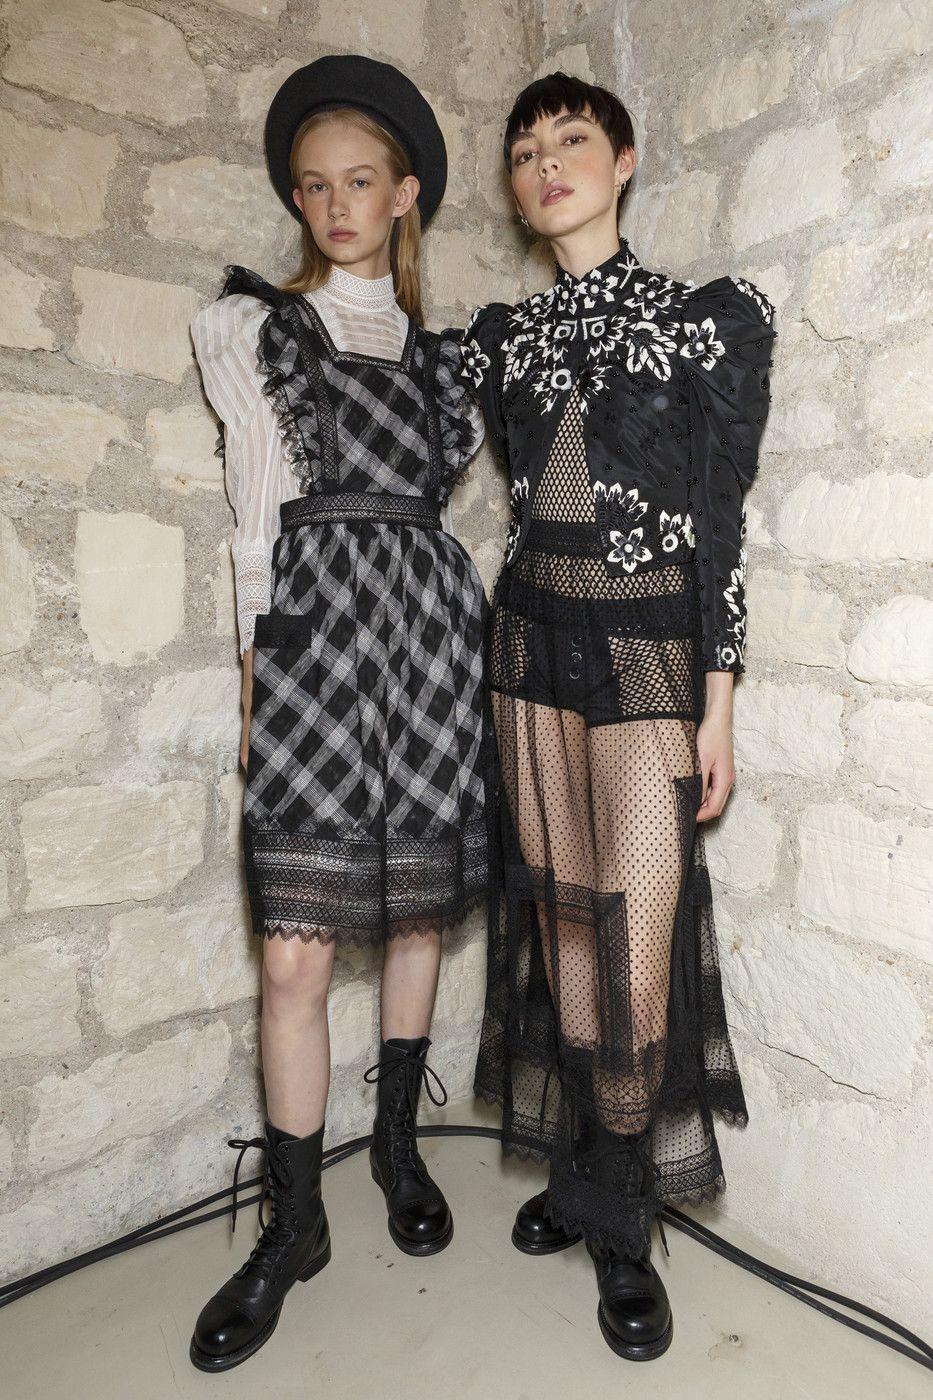 John Galliano at Paris Fashion Week Spring 2019